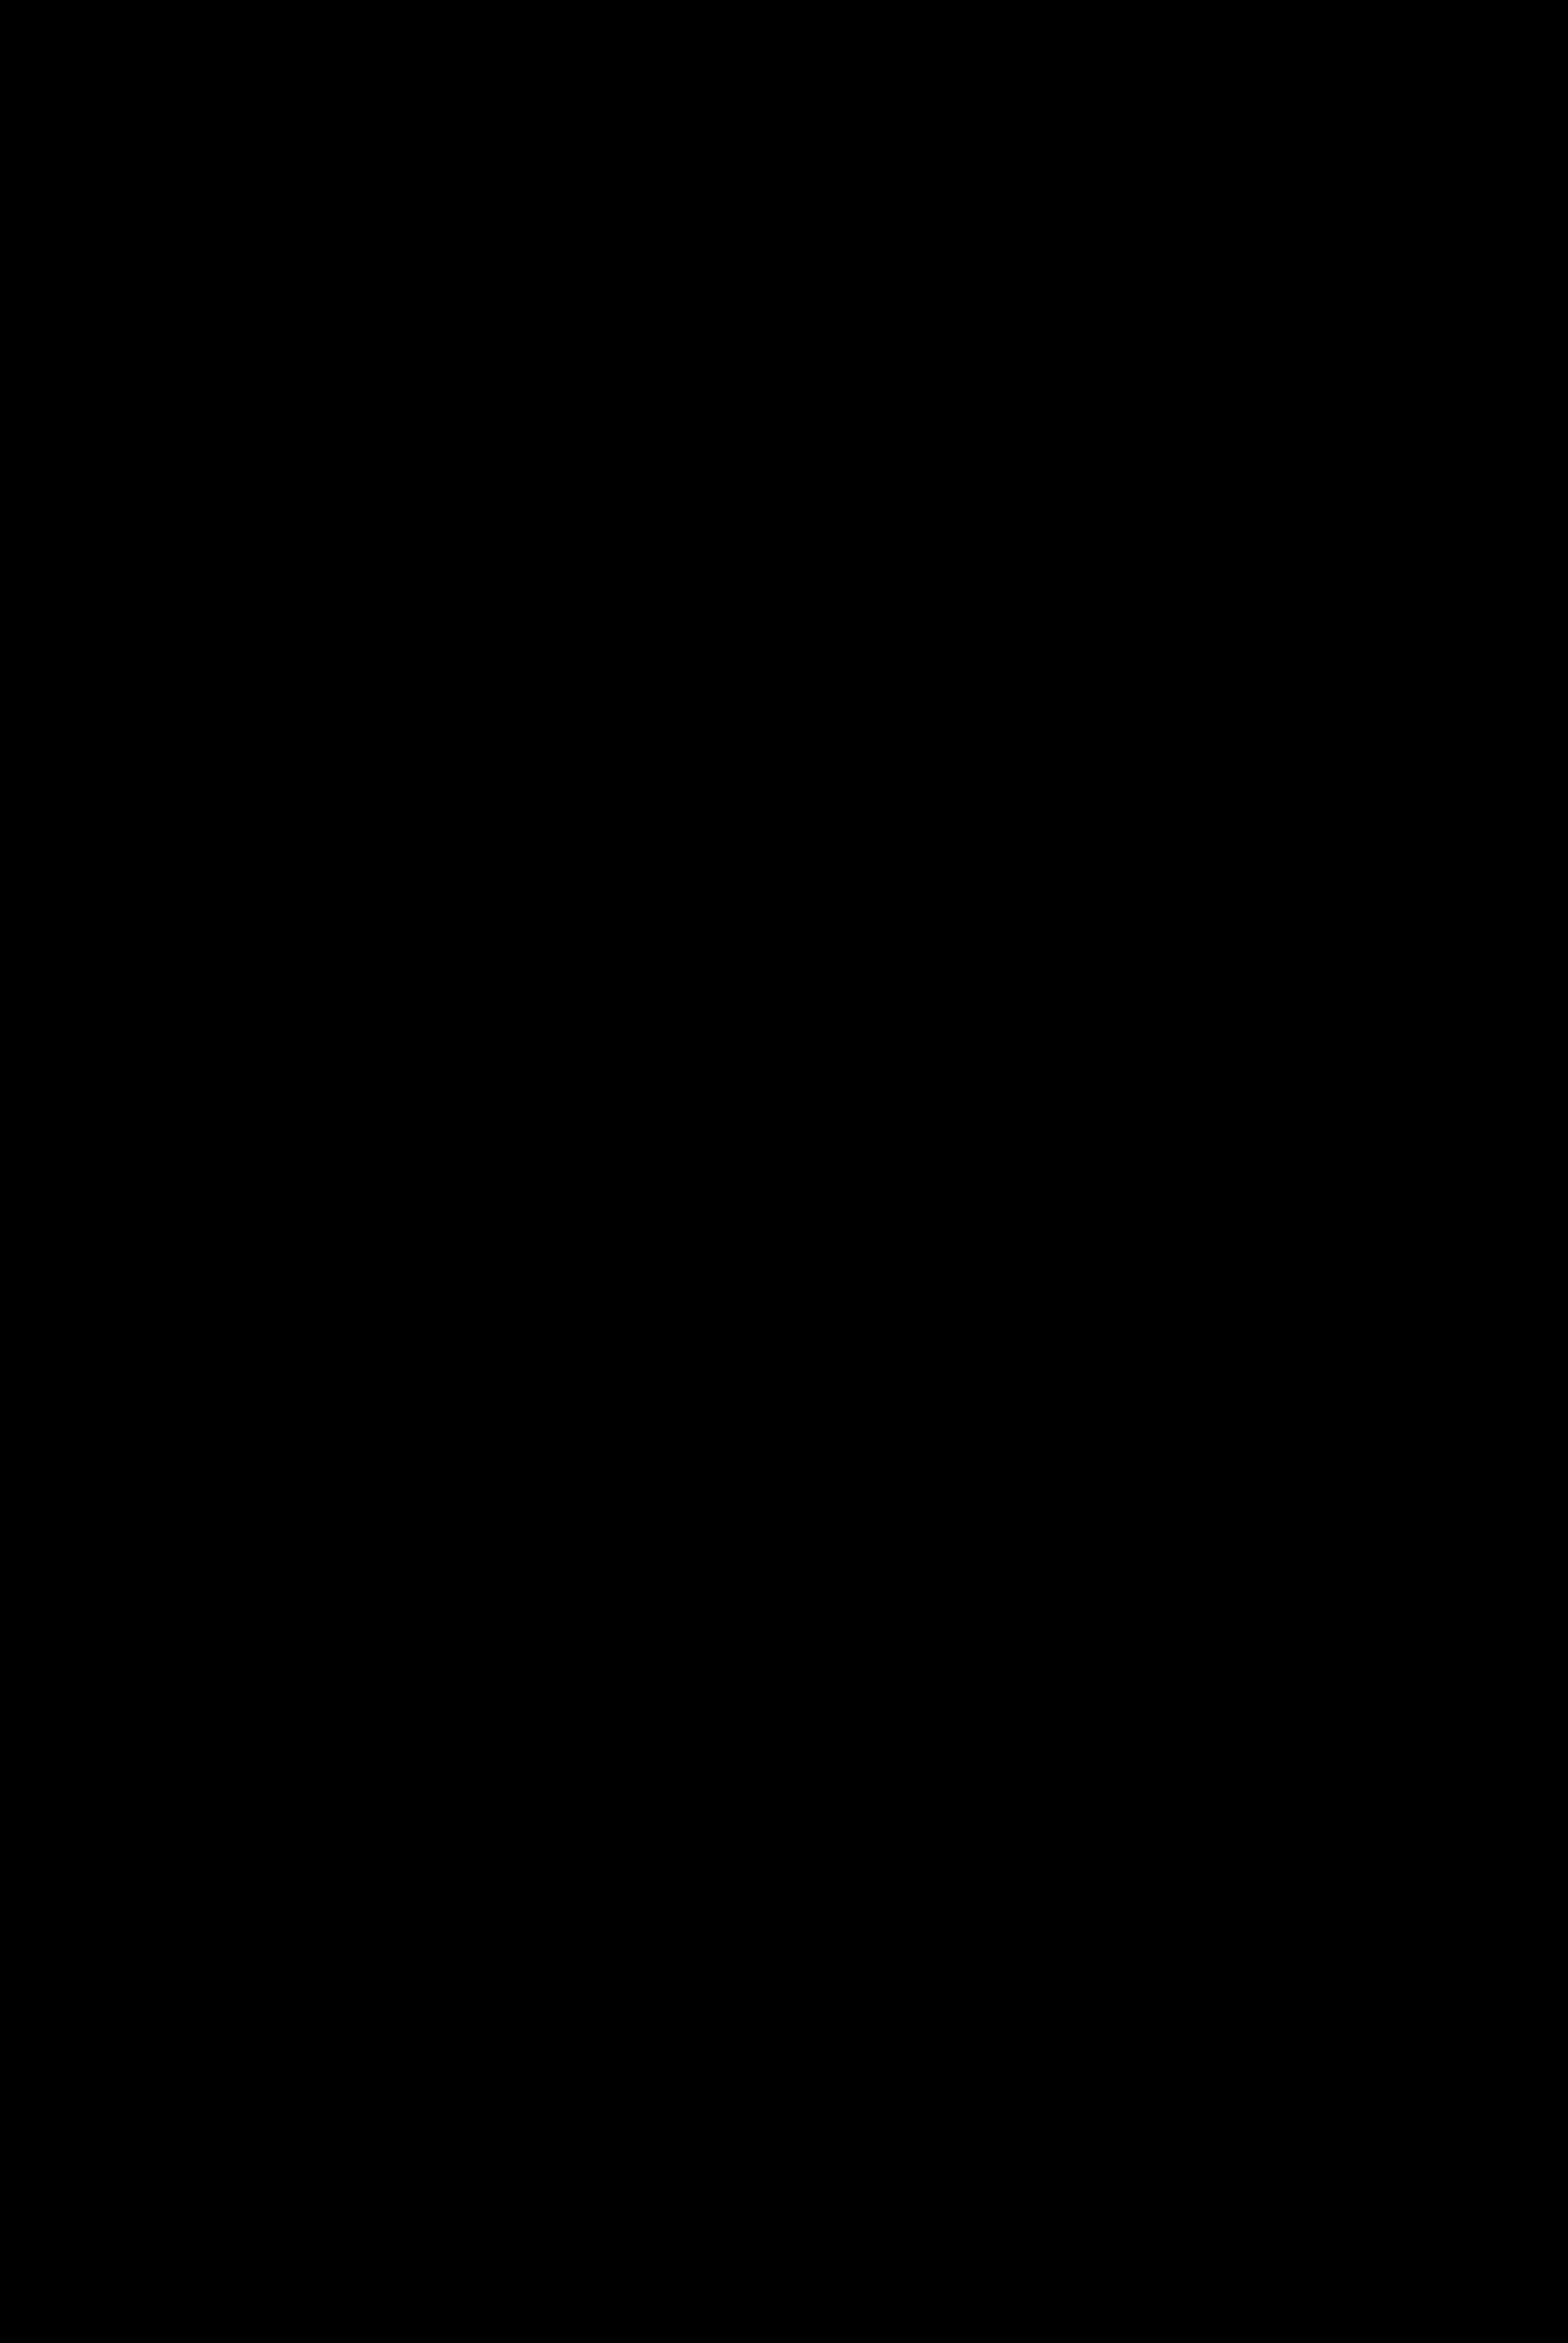 Poste simple para salto de caballos mod. Castilla 160